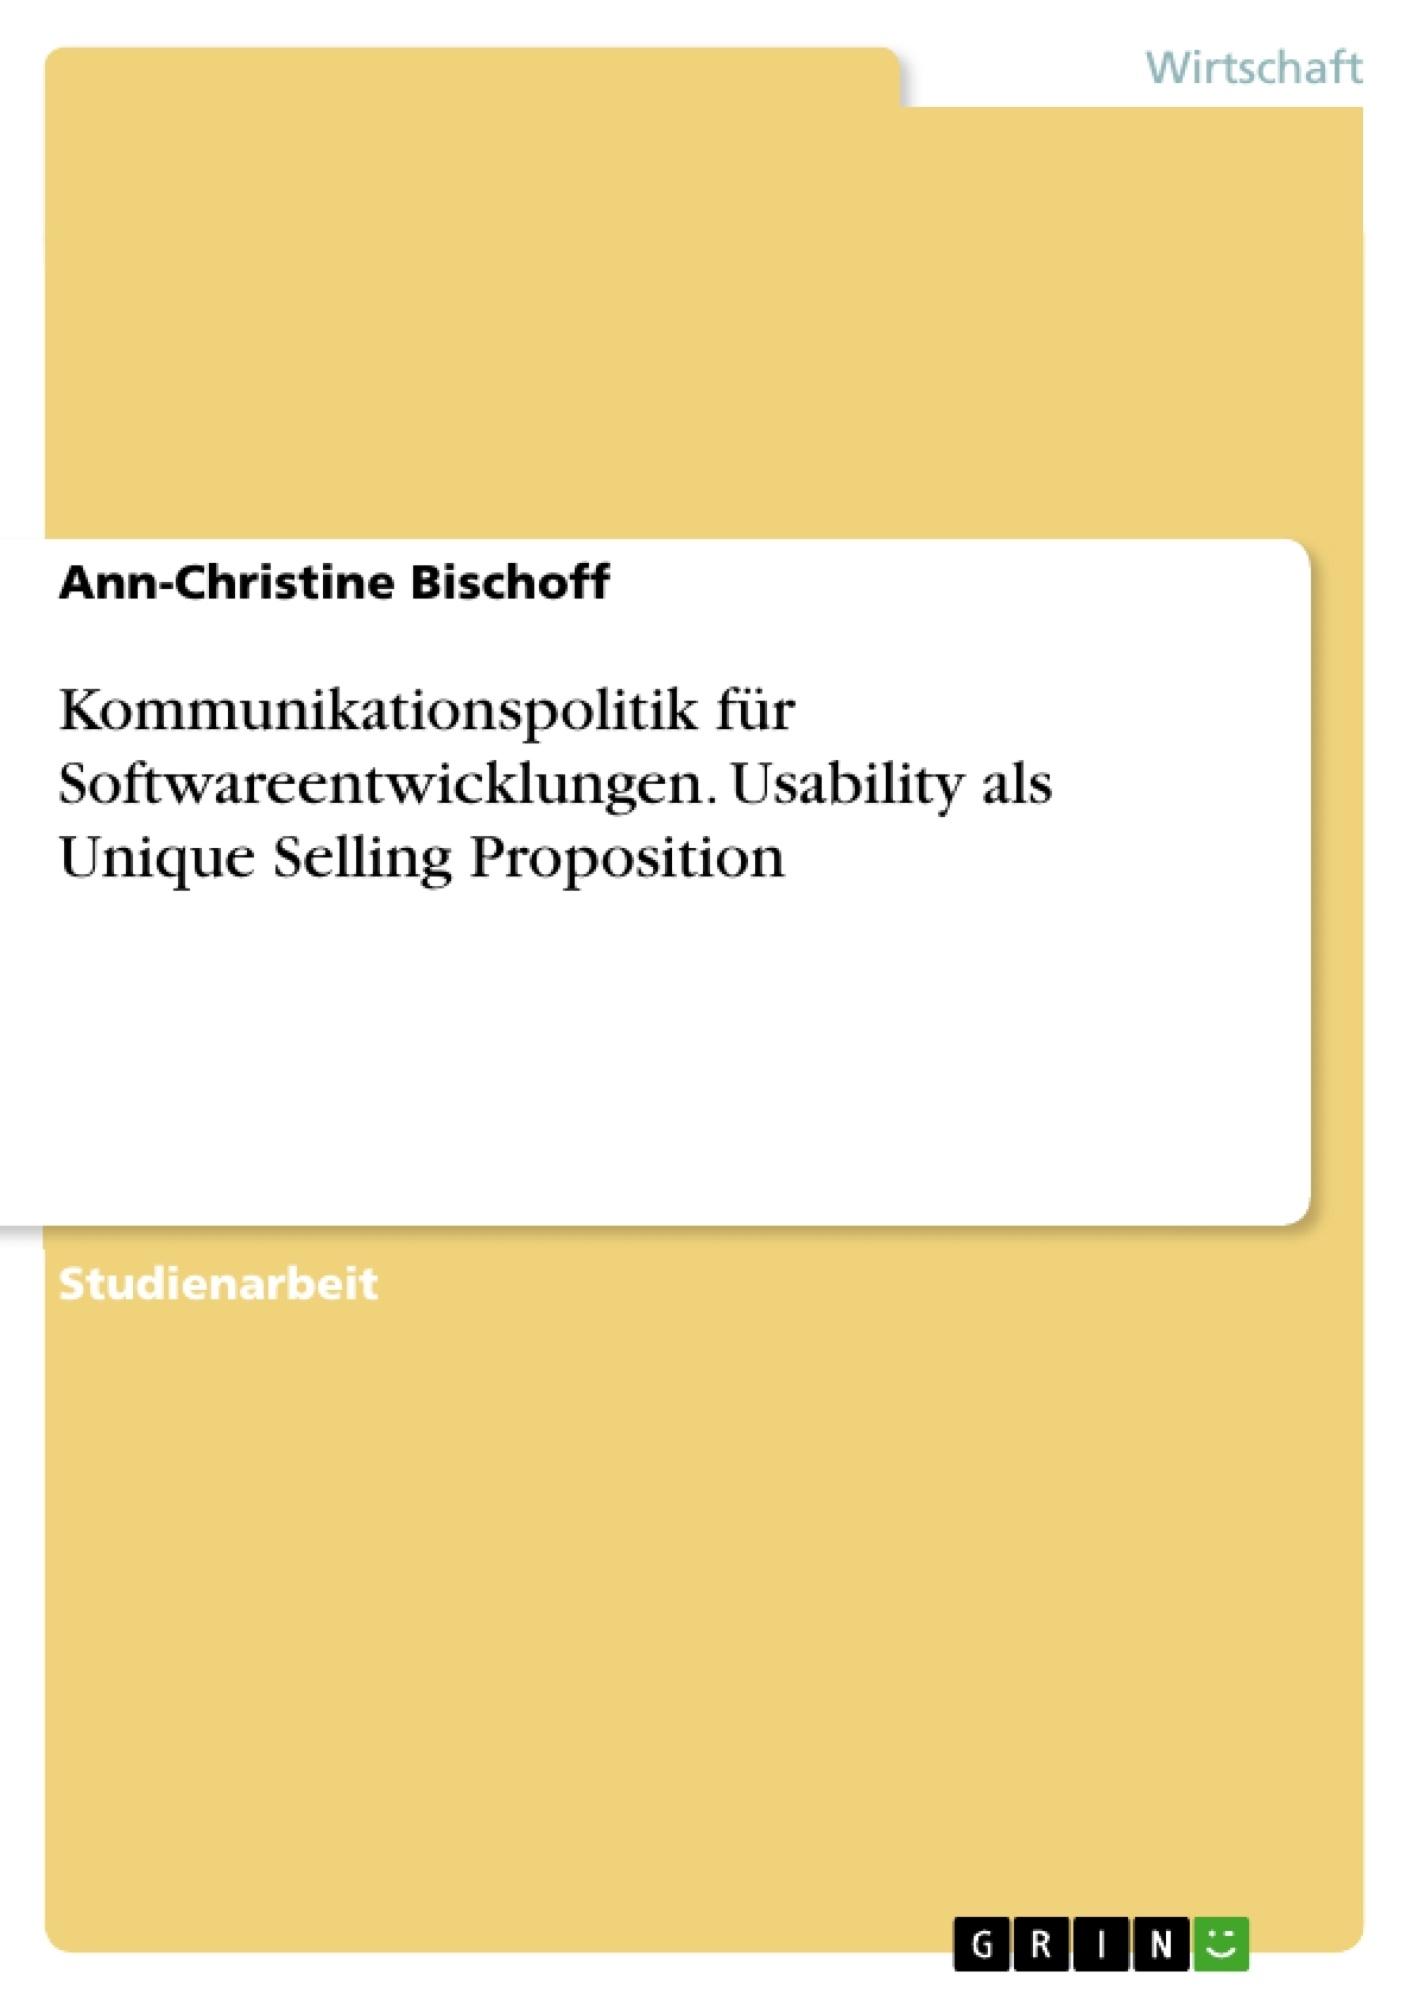 Titel: Kommunikationspolitik für Softwareentwicklungen. Usability als Unique Selling Proposition